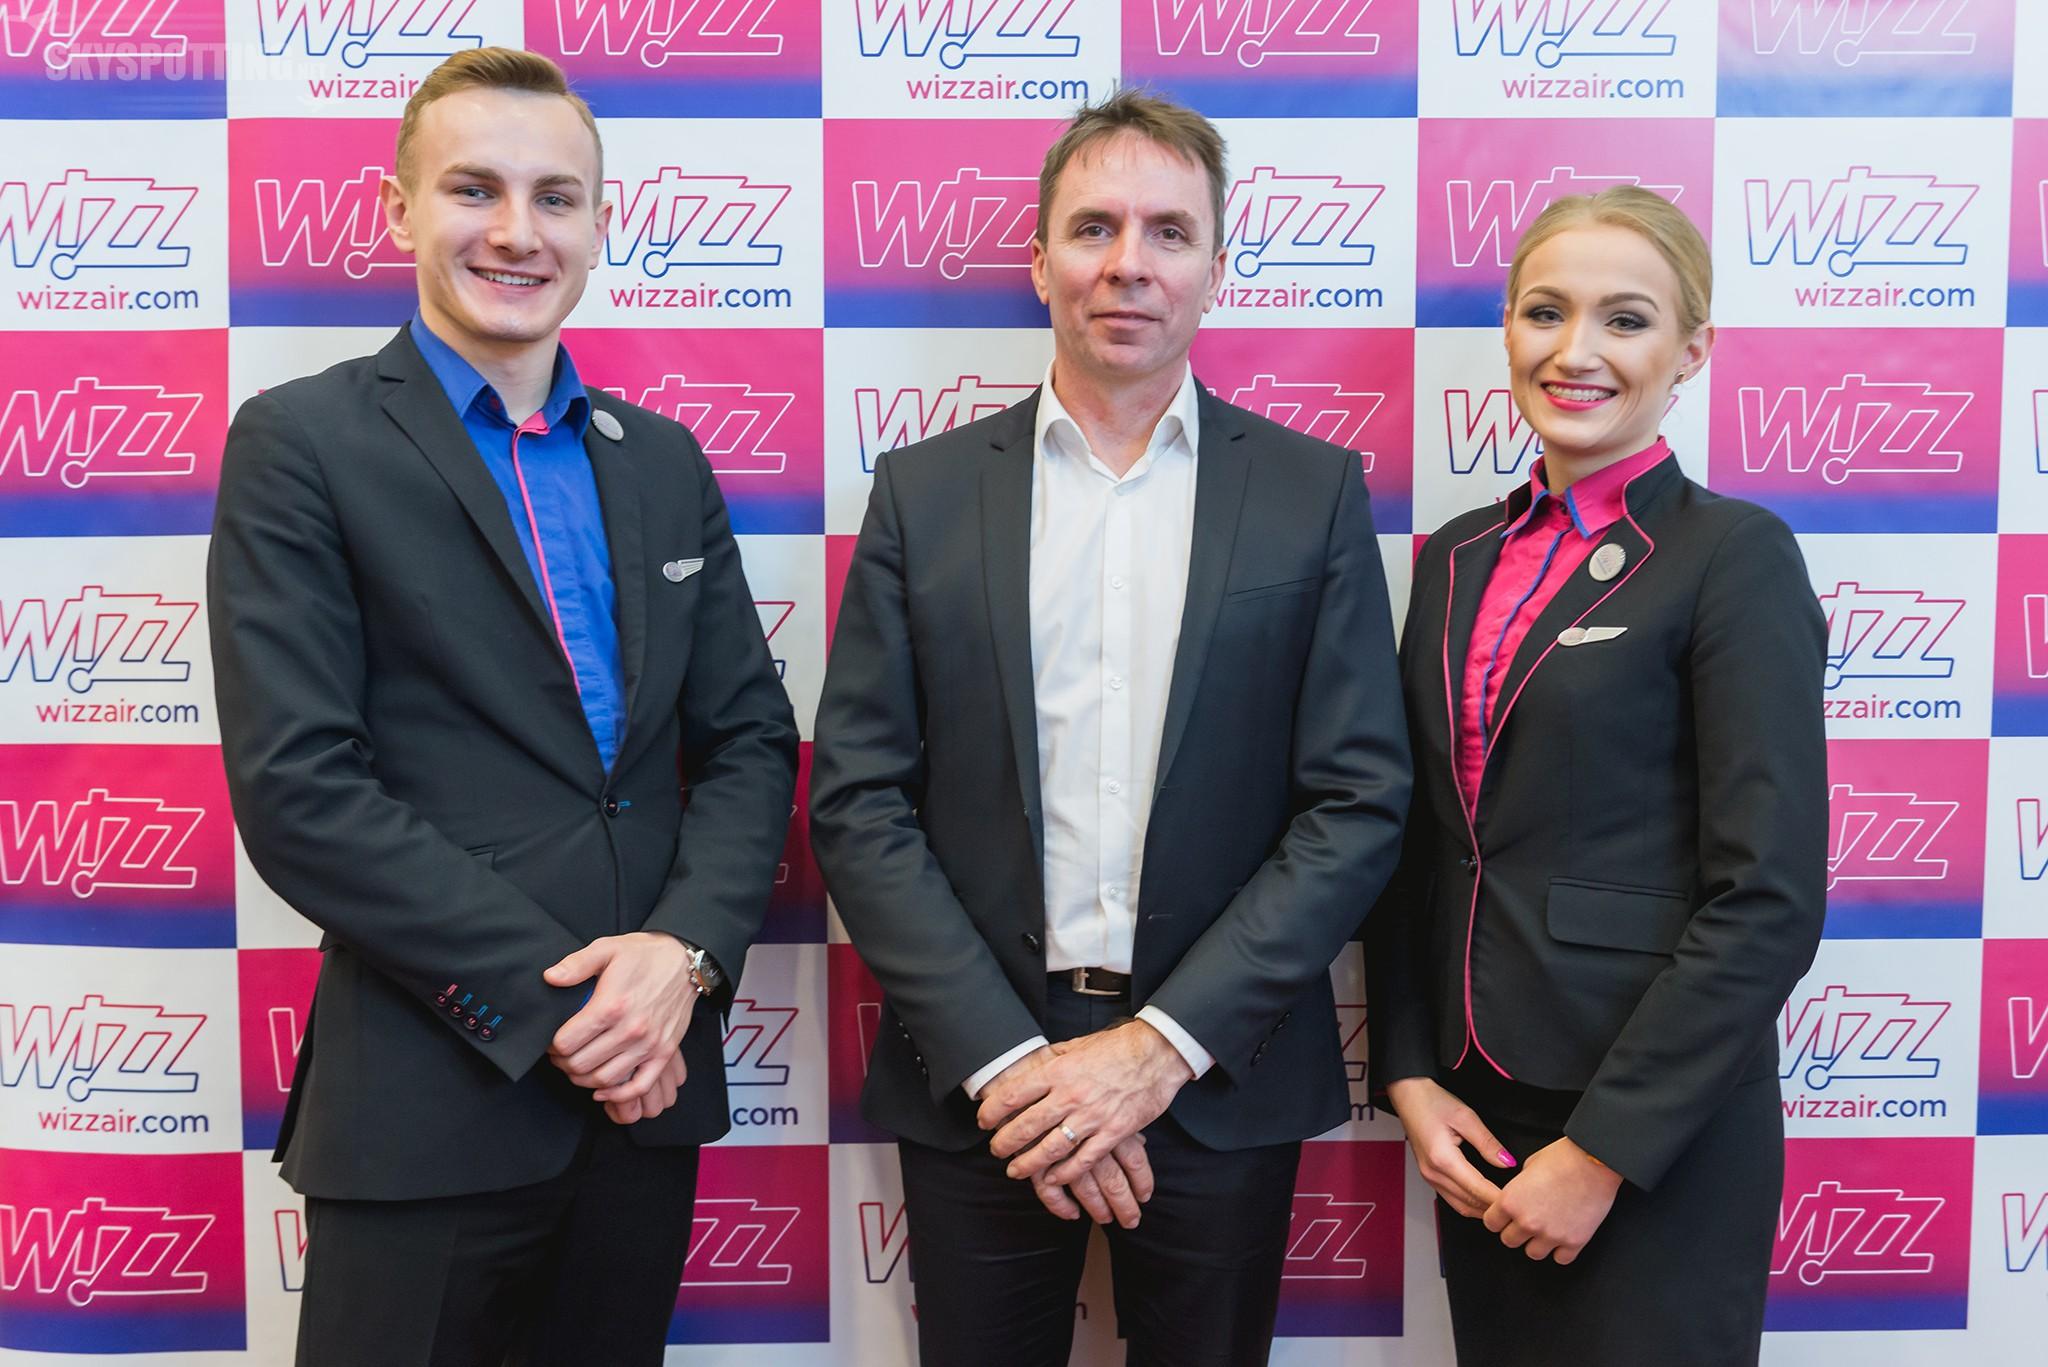 Wizz Air kończy 2017 rok z rekordową liczbą pasażerów i planuje kolejny rok silnego rozwoju